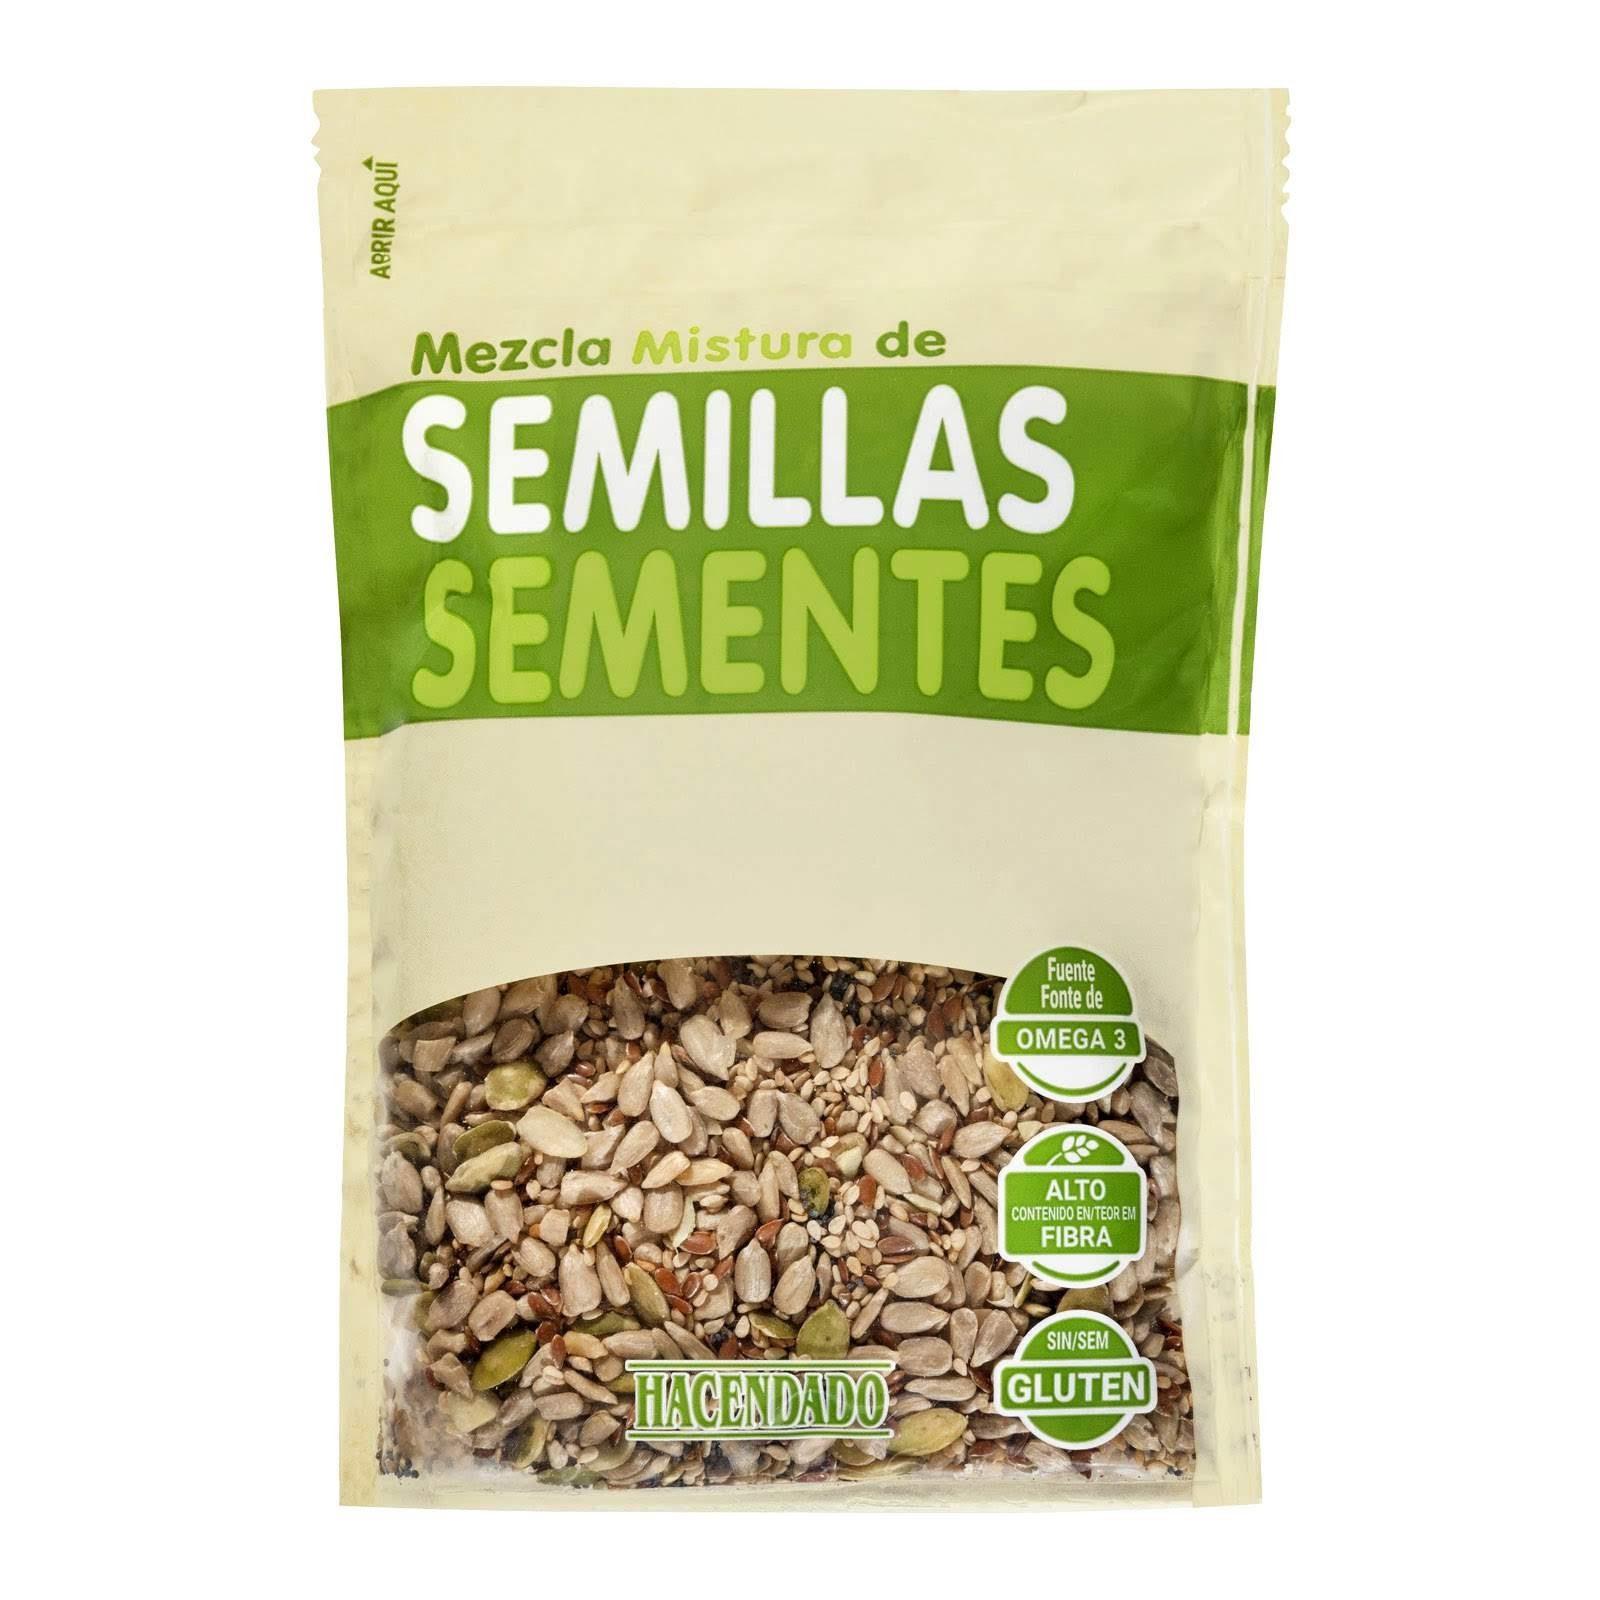 mezcla-de-semillas-hacendado-mercadona-1-6723439